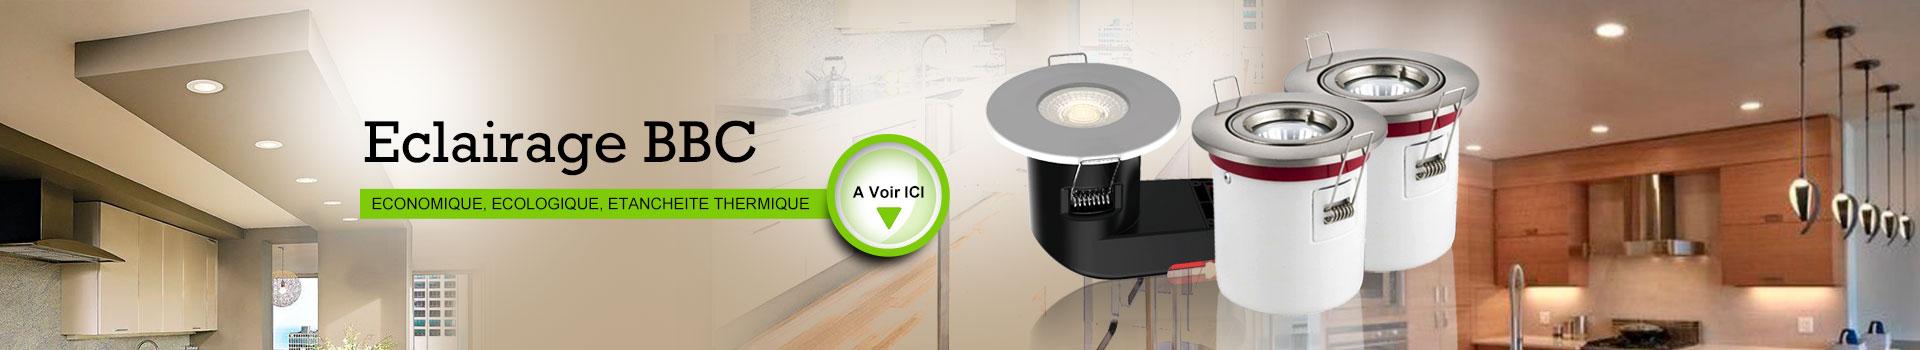 2/ampoules 18/W 1210/lm Eco Light Lampadaire LED moderne Mini Spot LED 616/g anthracite 6146/S de 2 61,6/cm de haut